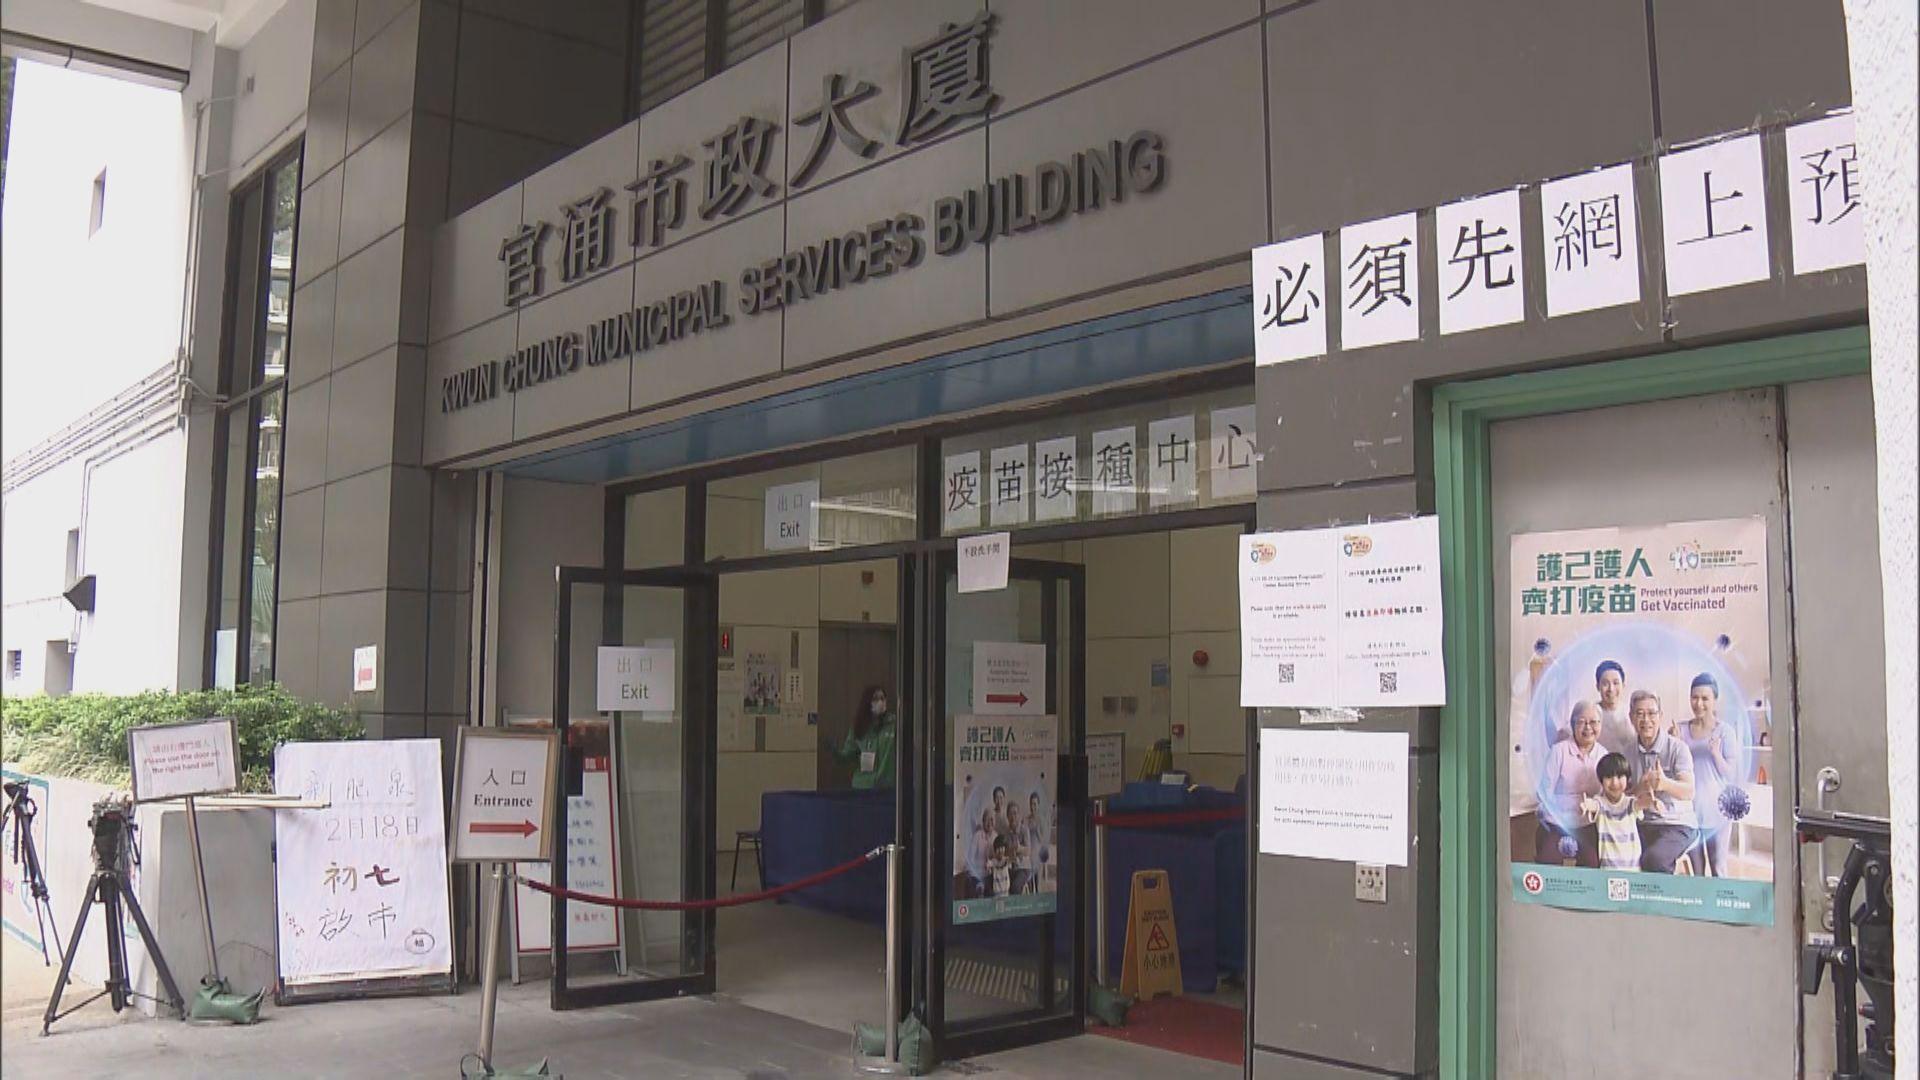 官涌體育館兩人接種疫苗後不適送院 包括出現過敏反應